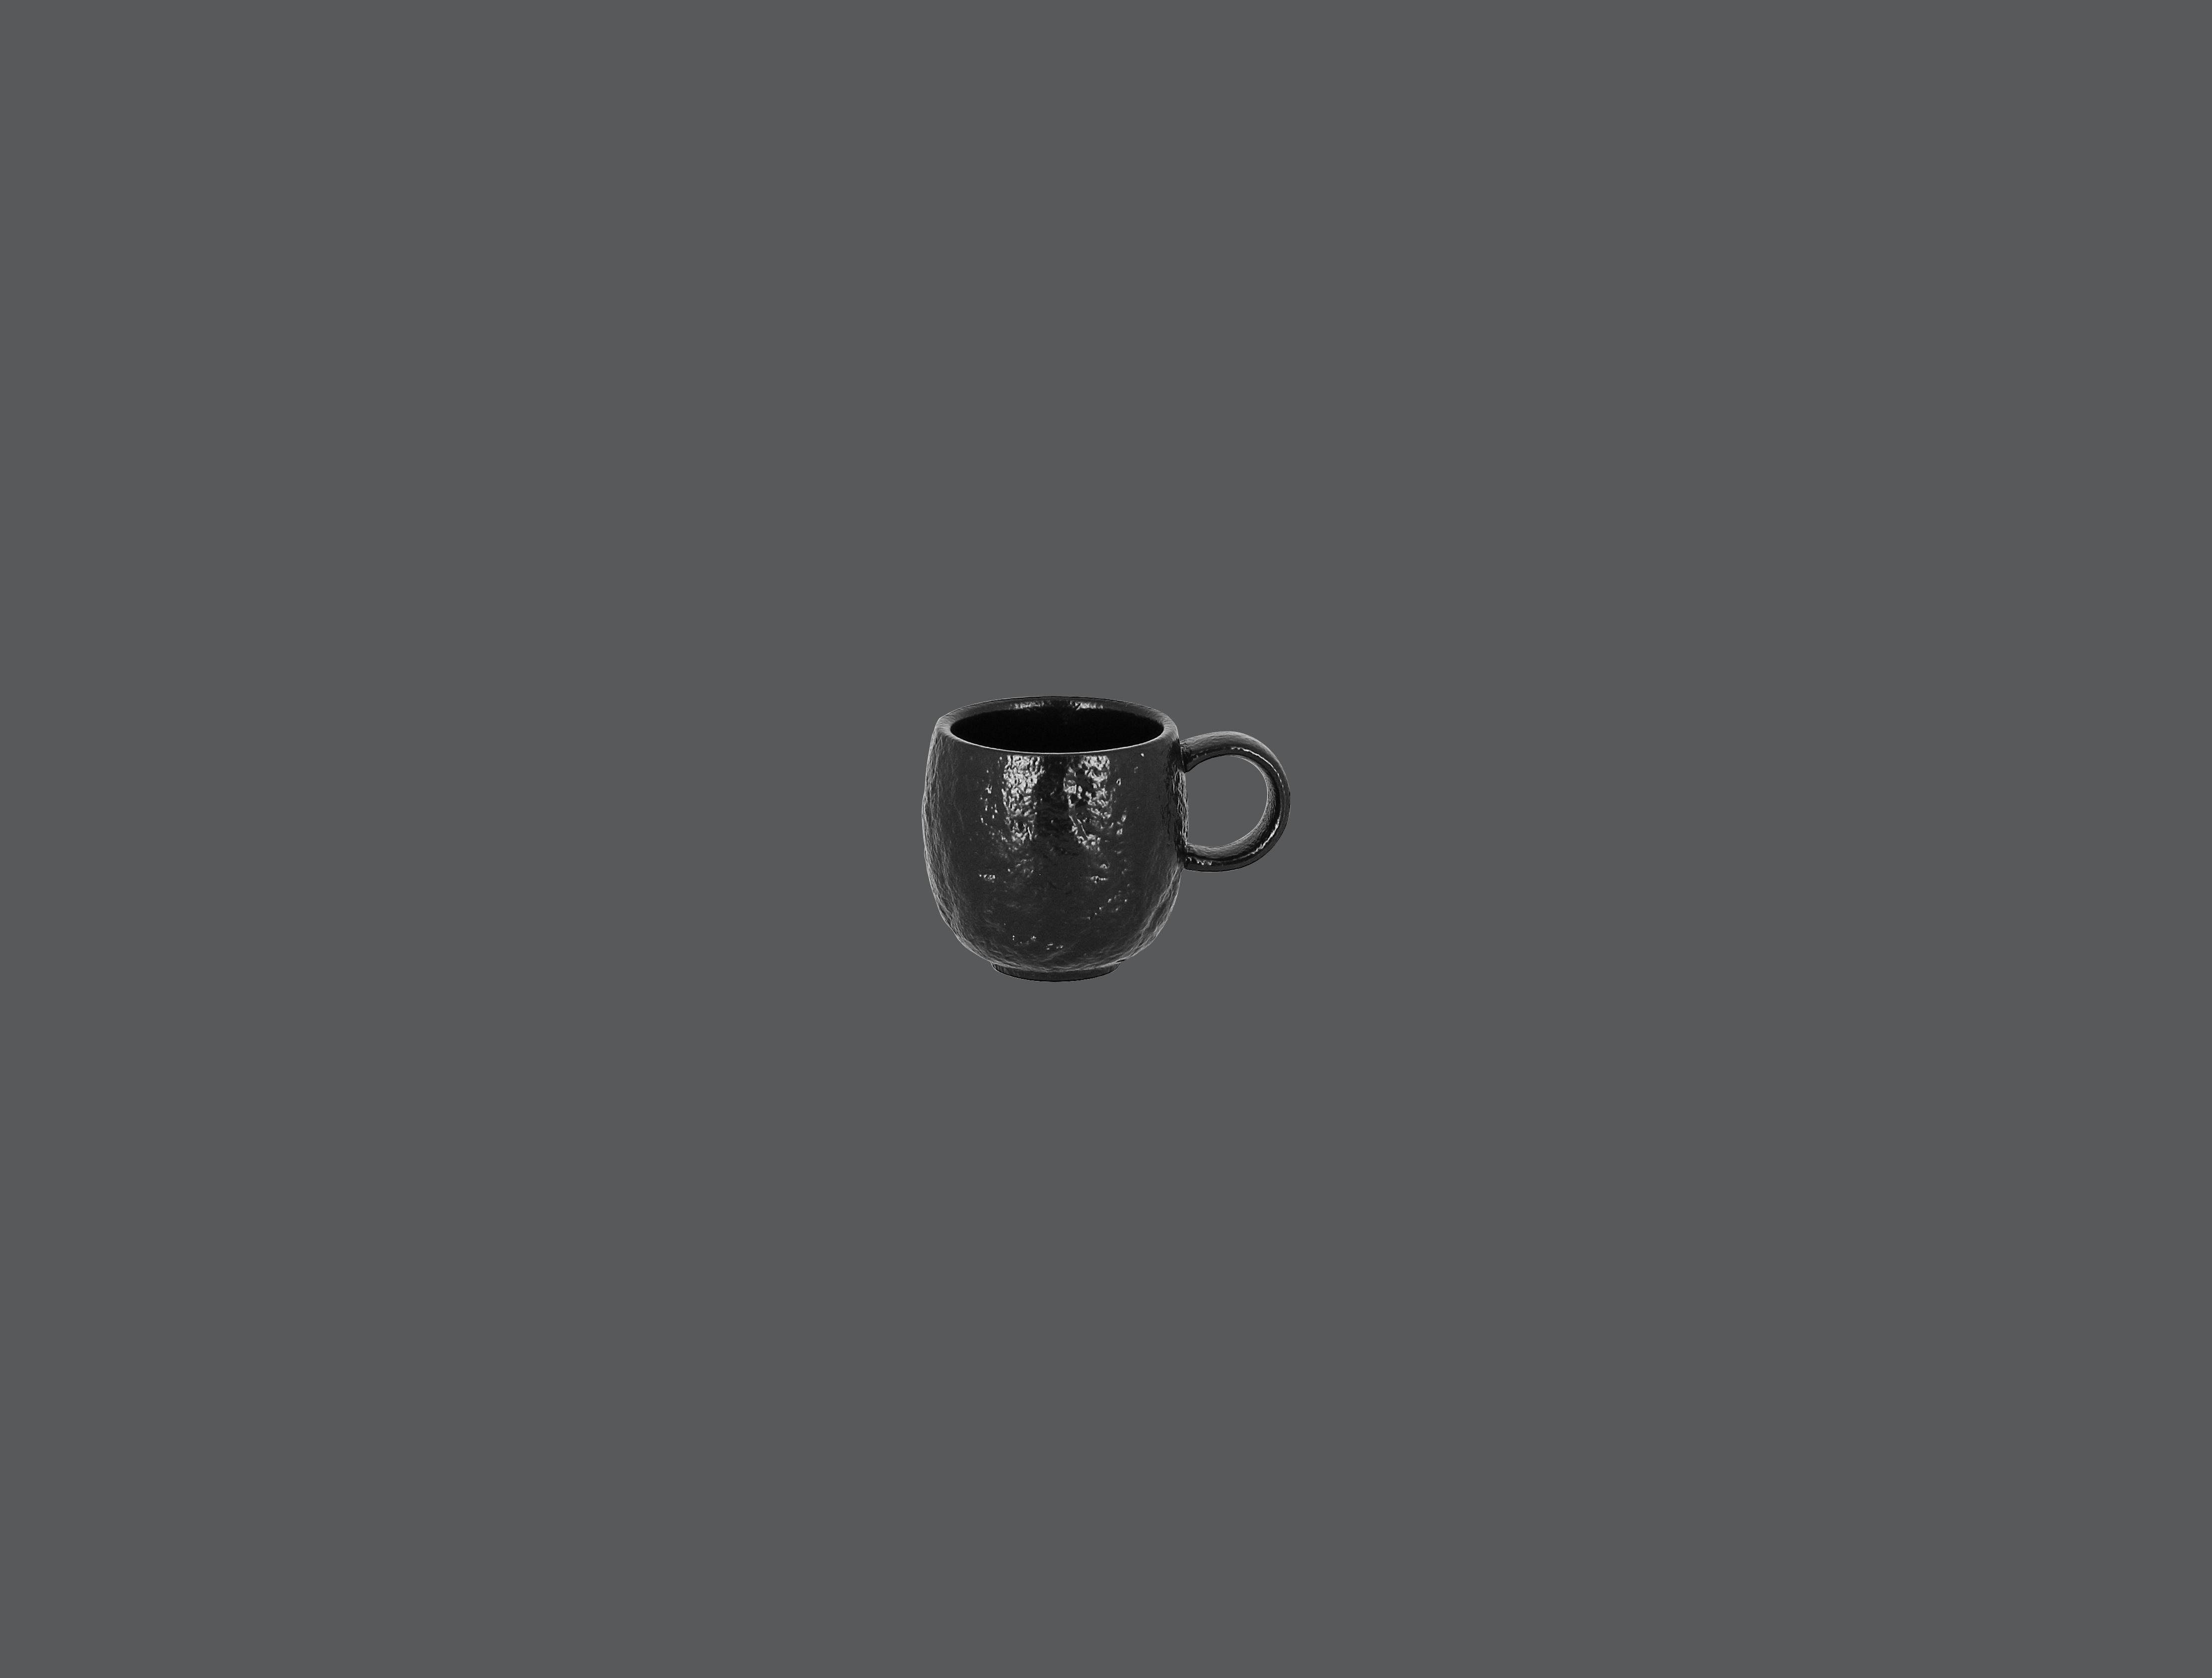 Roks šálek na espresso 9 cl - černá